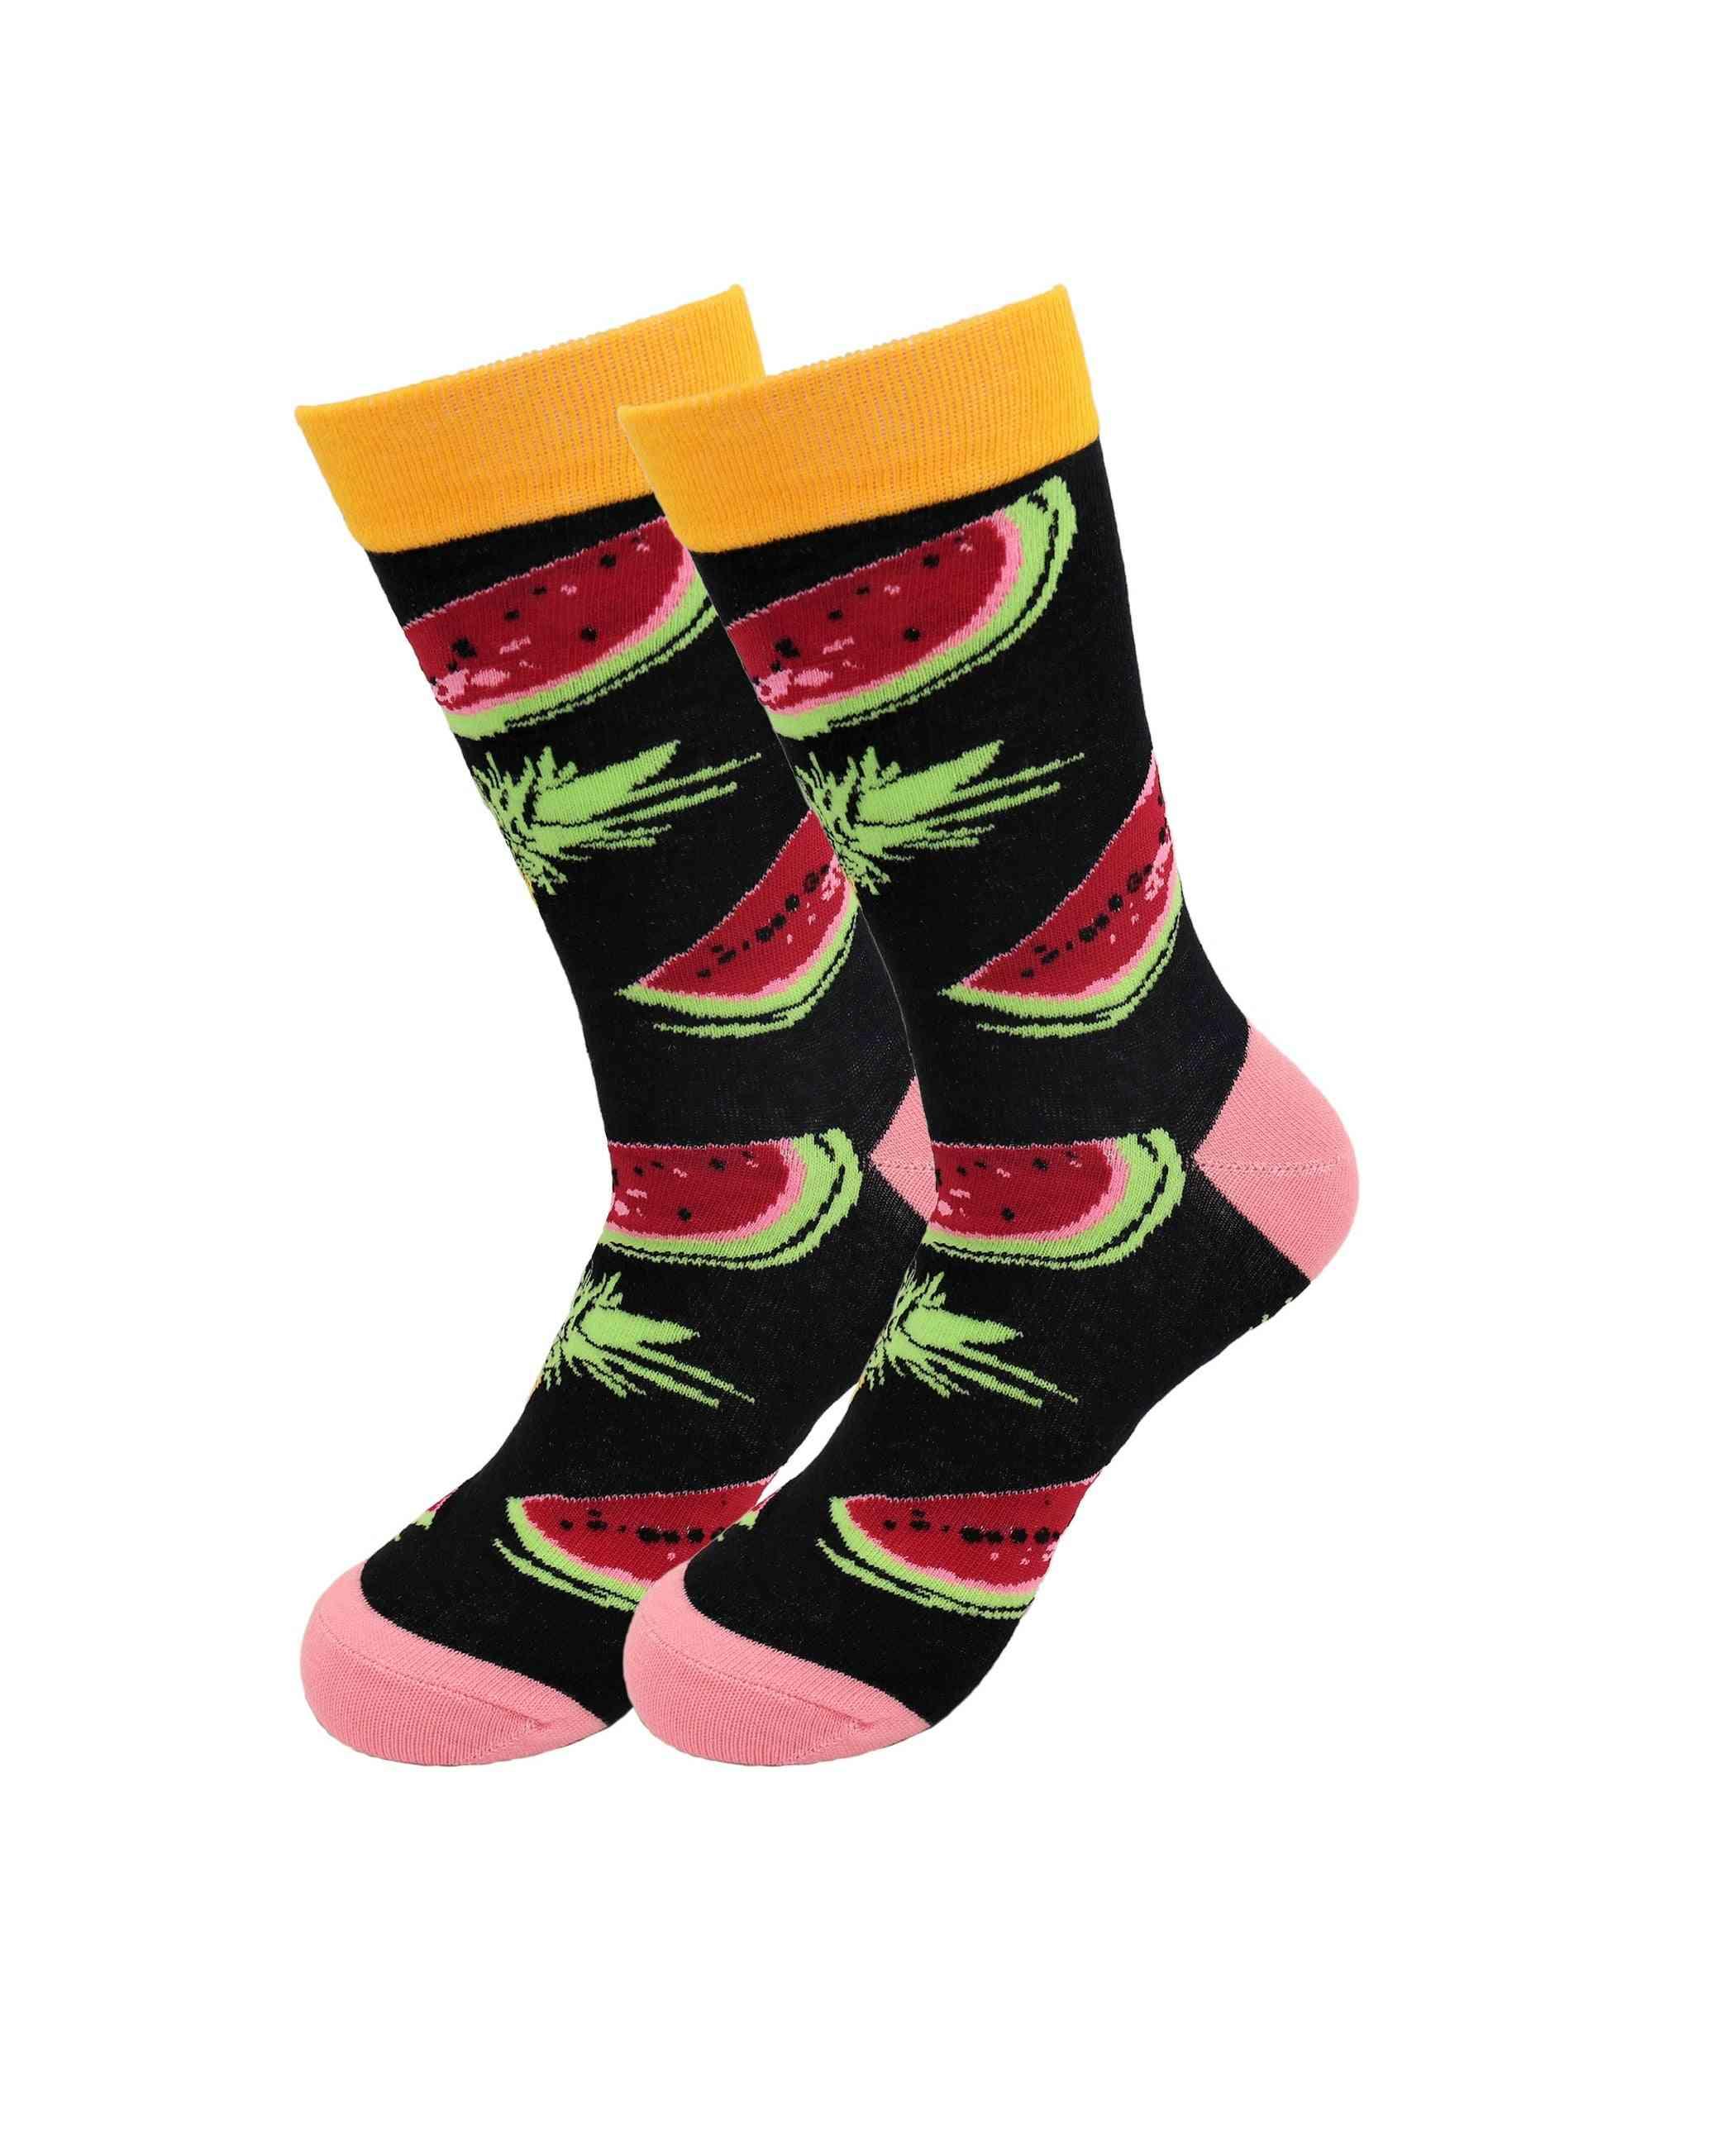 Sick Socks Casual Dress Socks